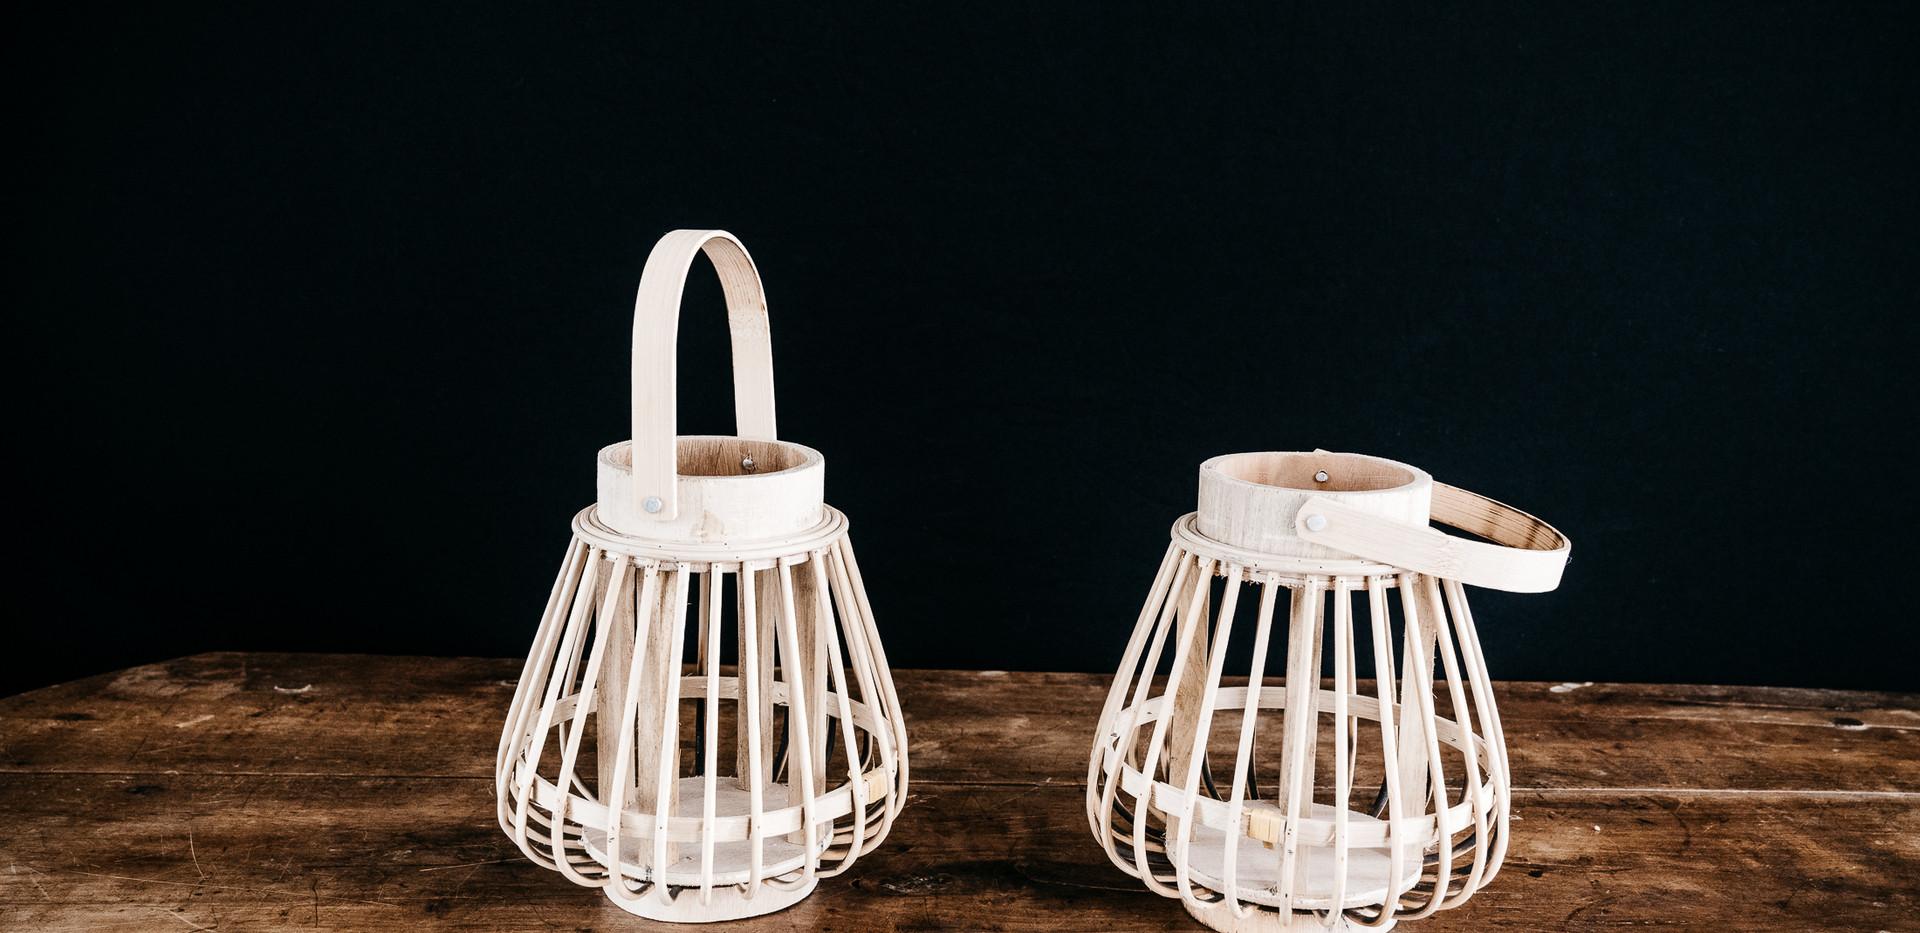 Lanternes rotin - Photo ©Ludozme